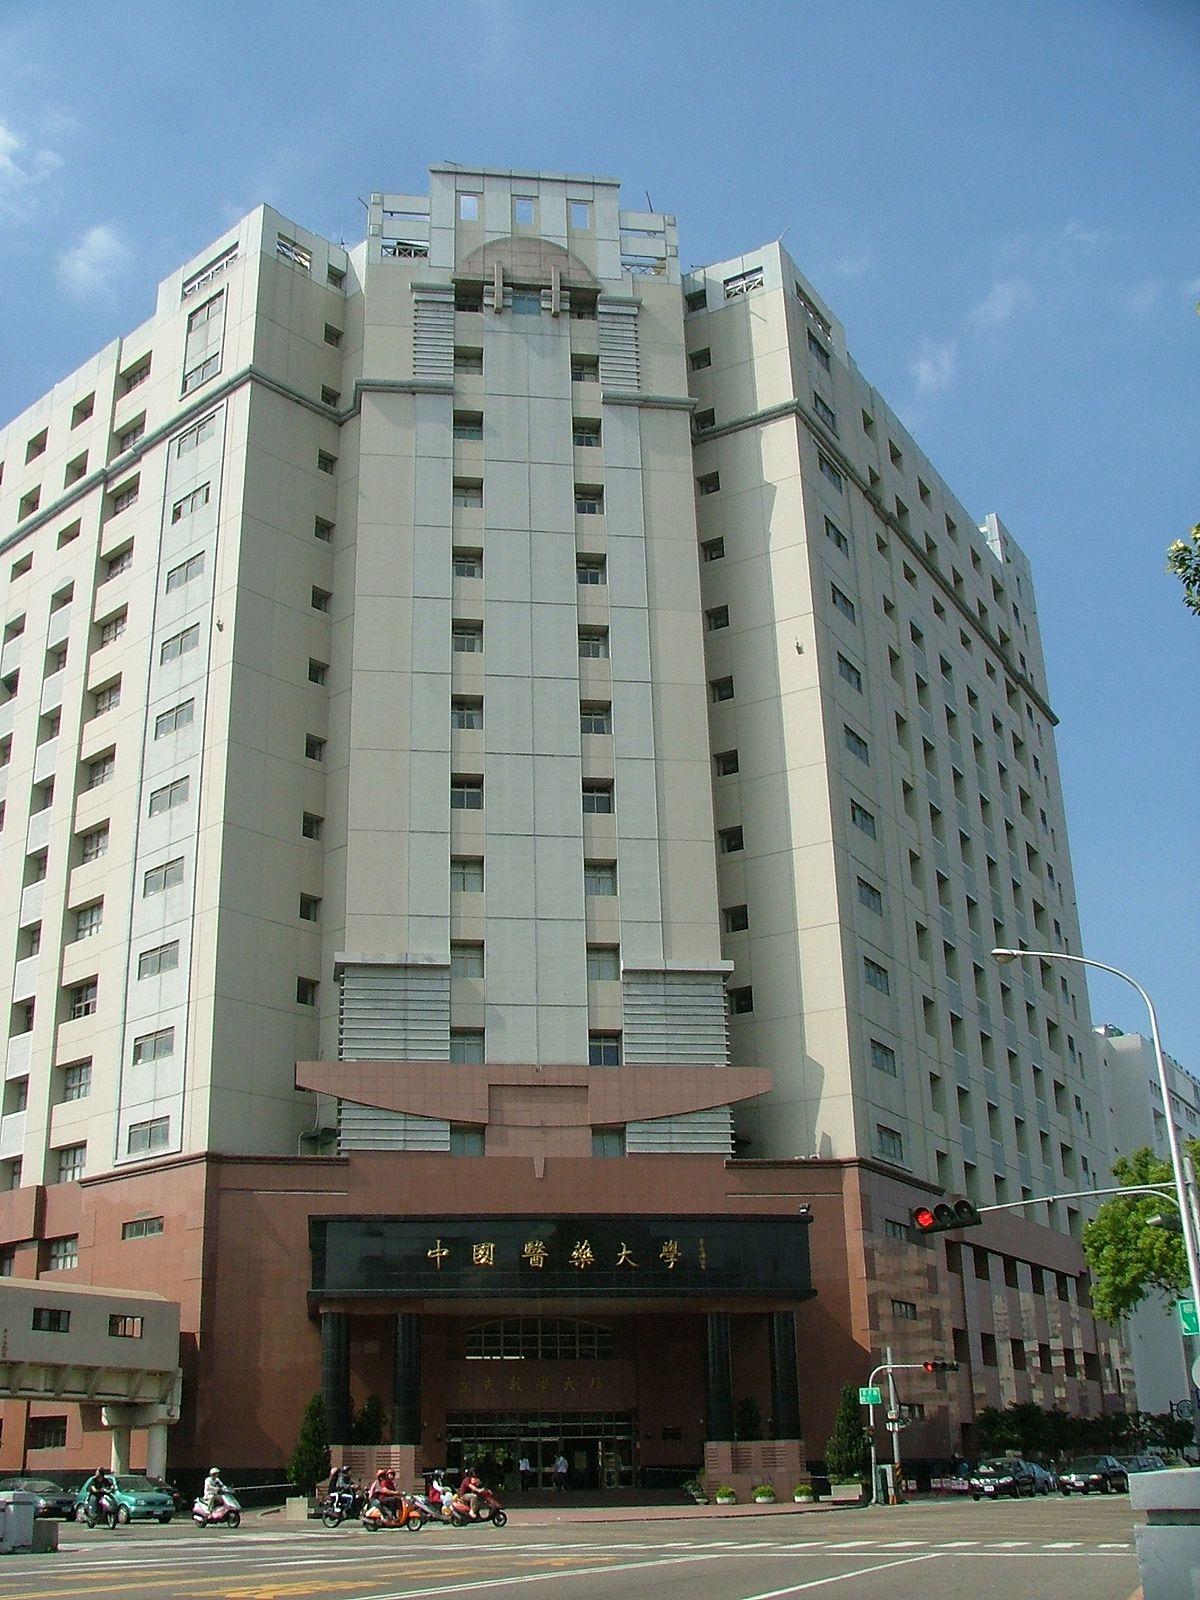 China Medical University (Taiwan) - Wikipedia